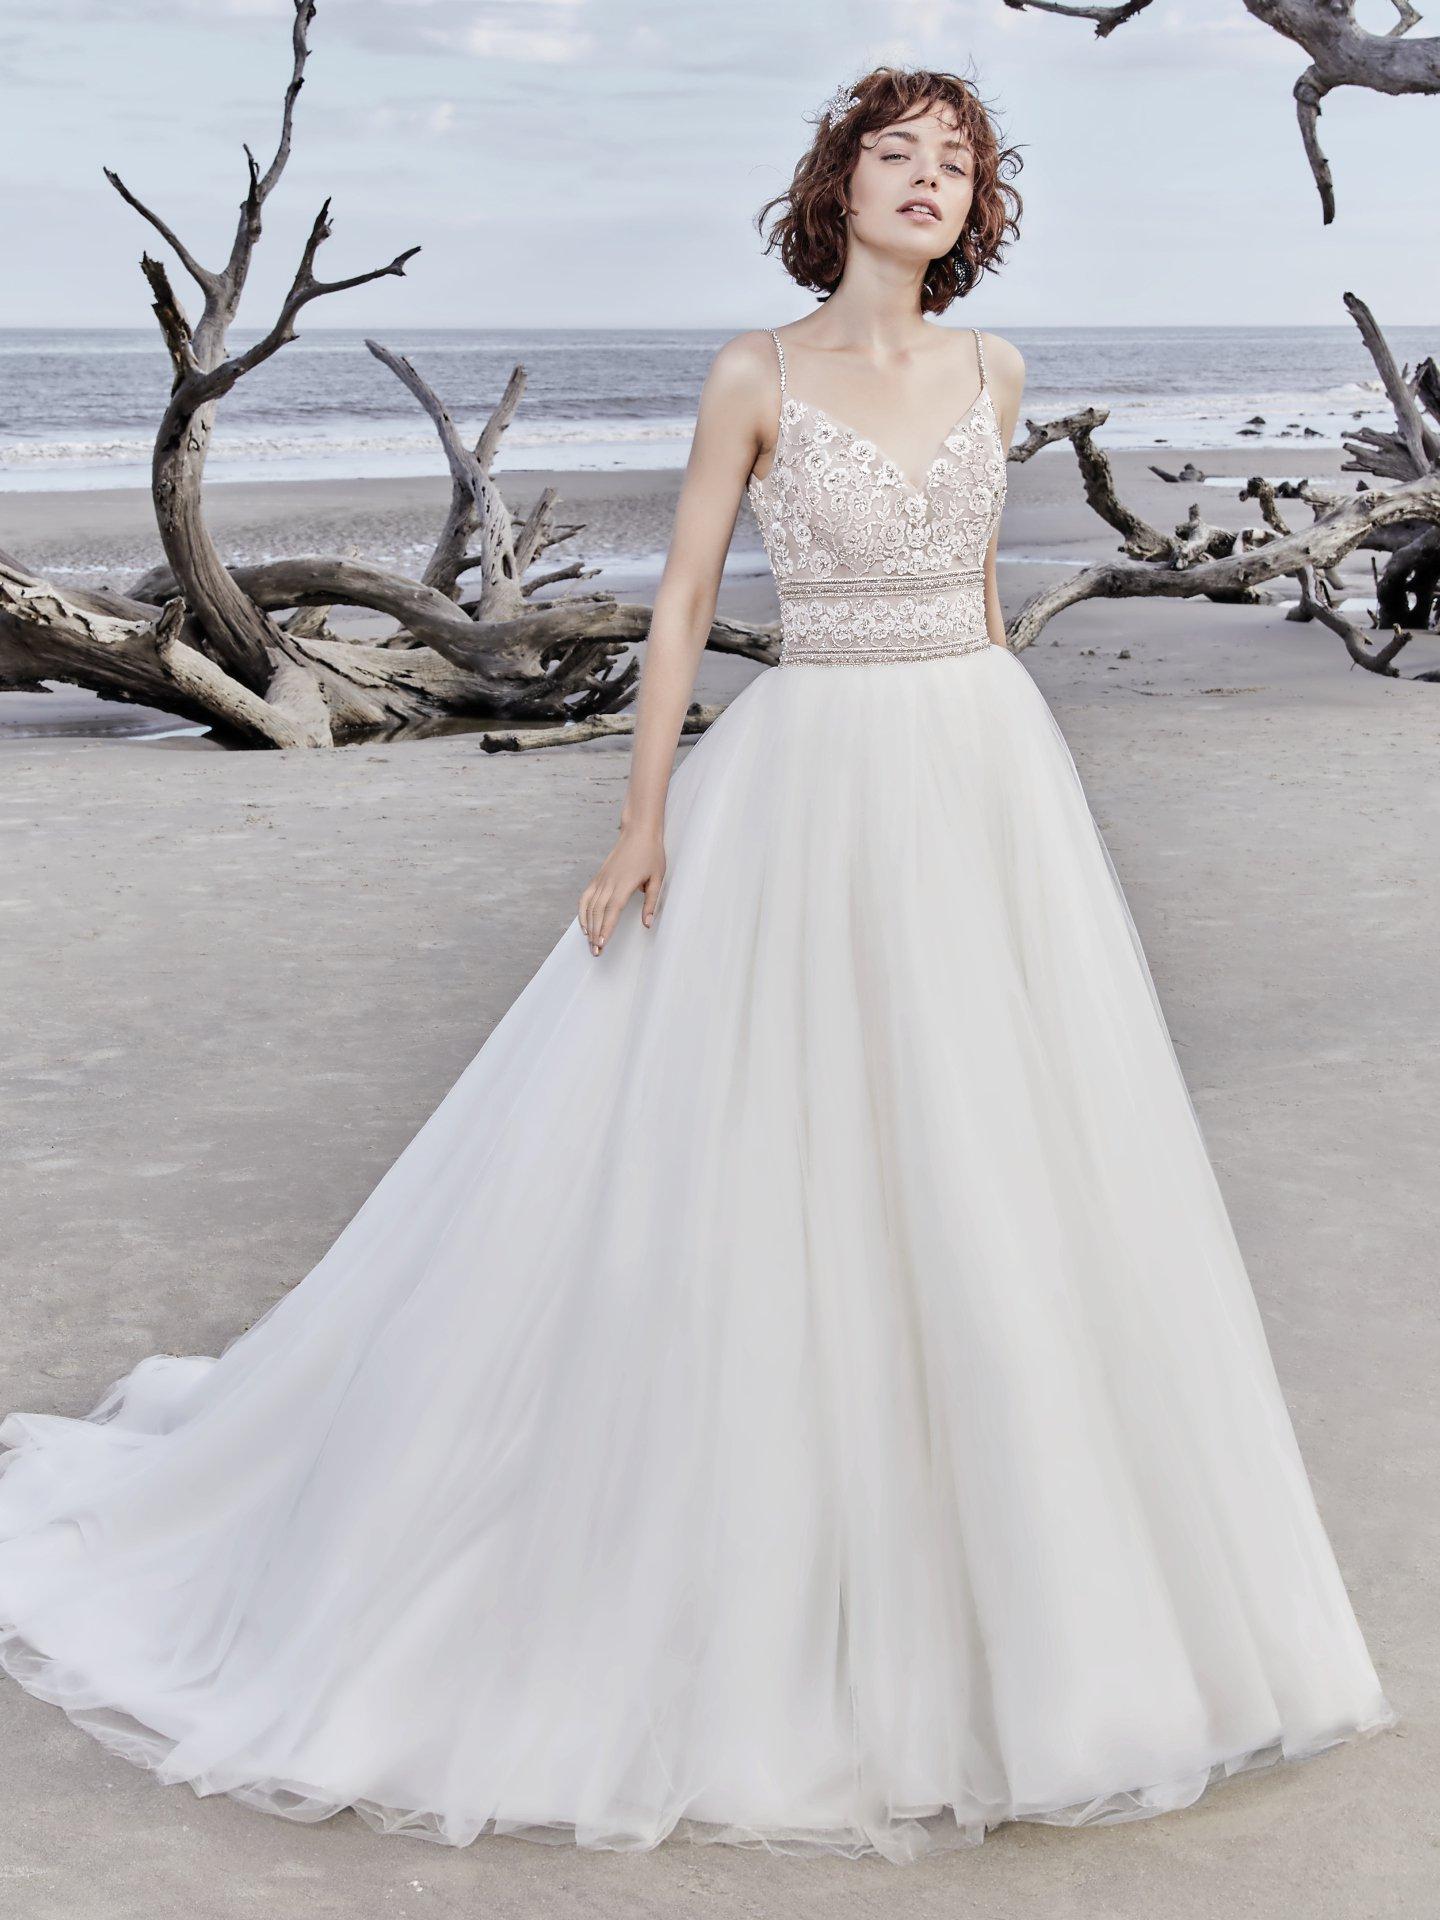 Boutique Wedding Dresses